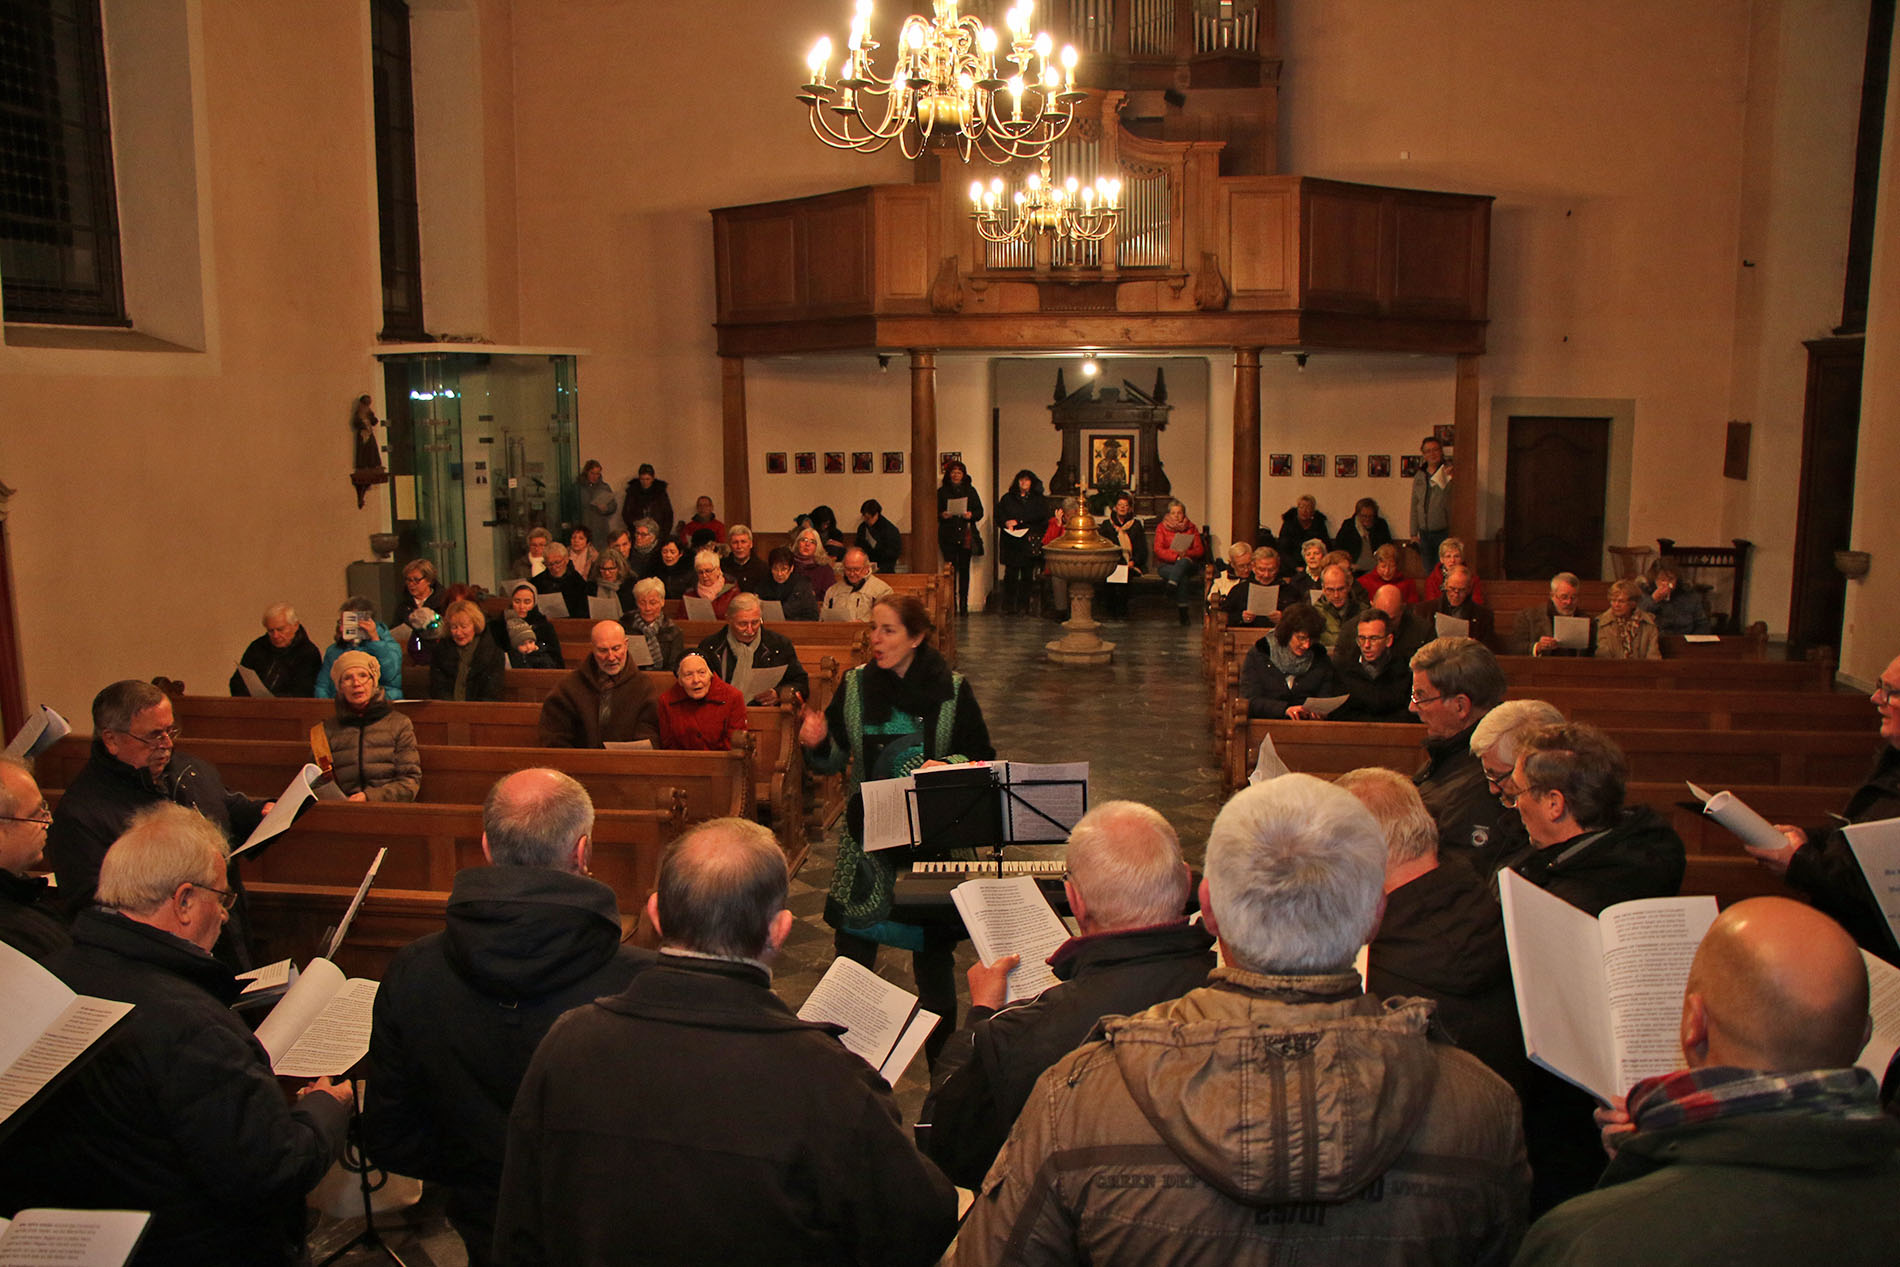 Gemeinsam mit dem Publikam sang der MGV Quartettverein 1930 Königshoven e. V. unter dem Dirigat von Daniela Bosenius Weihnachtslieder in der Pfarrkirche St. Goerg in Alt-Kaster. (Fotos: Bastian Schlößer)